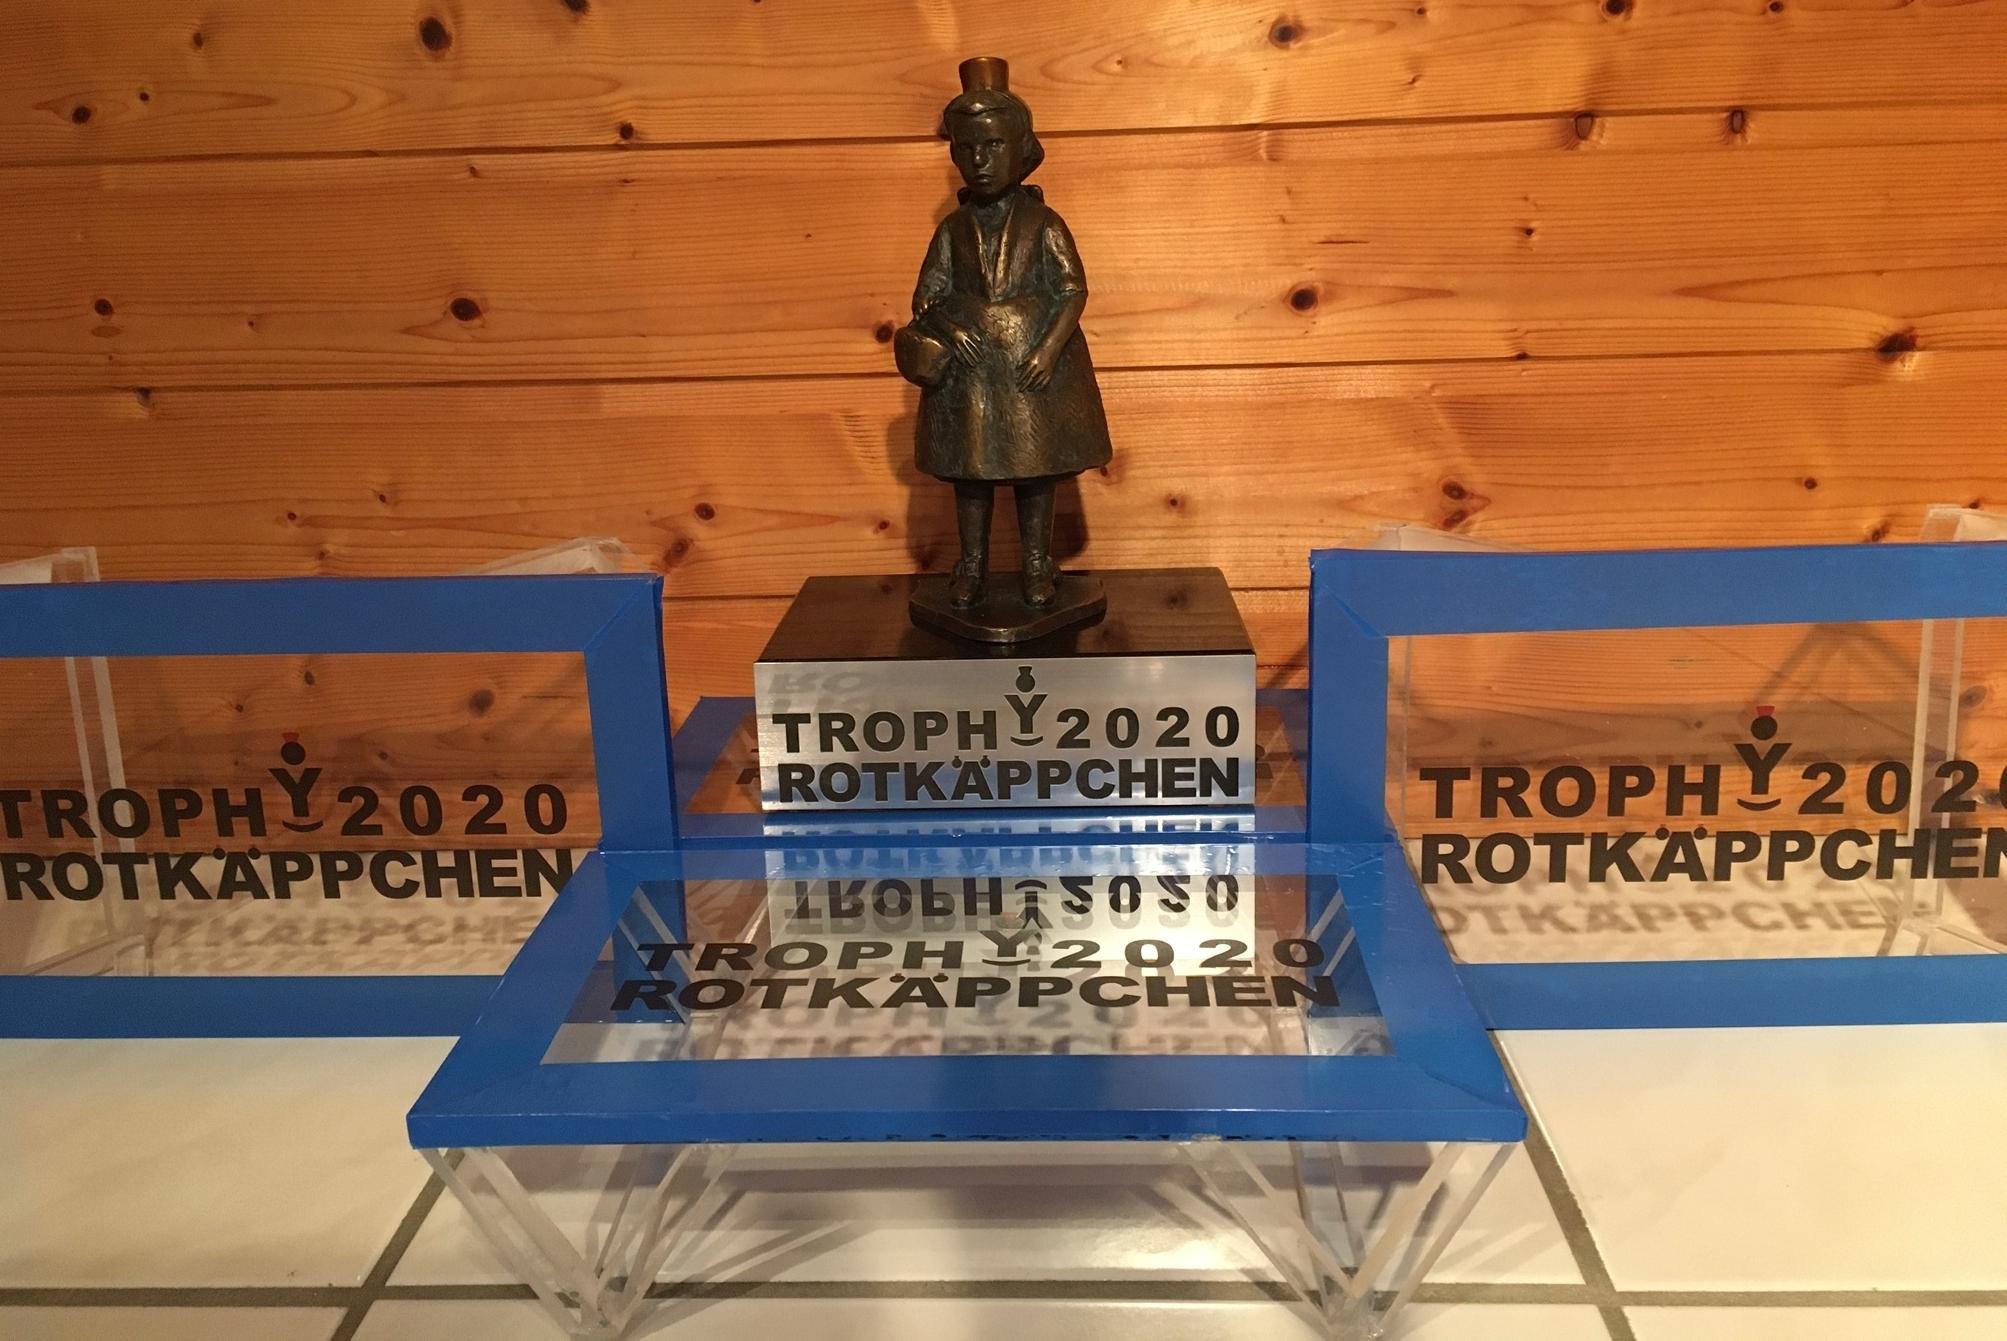 Rotkäppchen Trophy